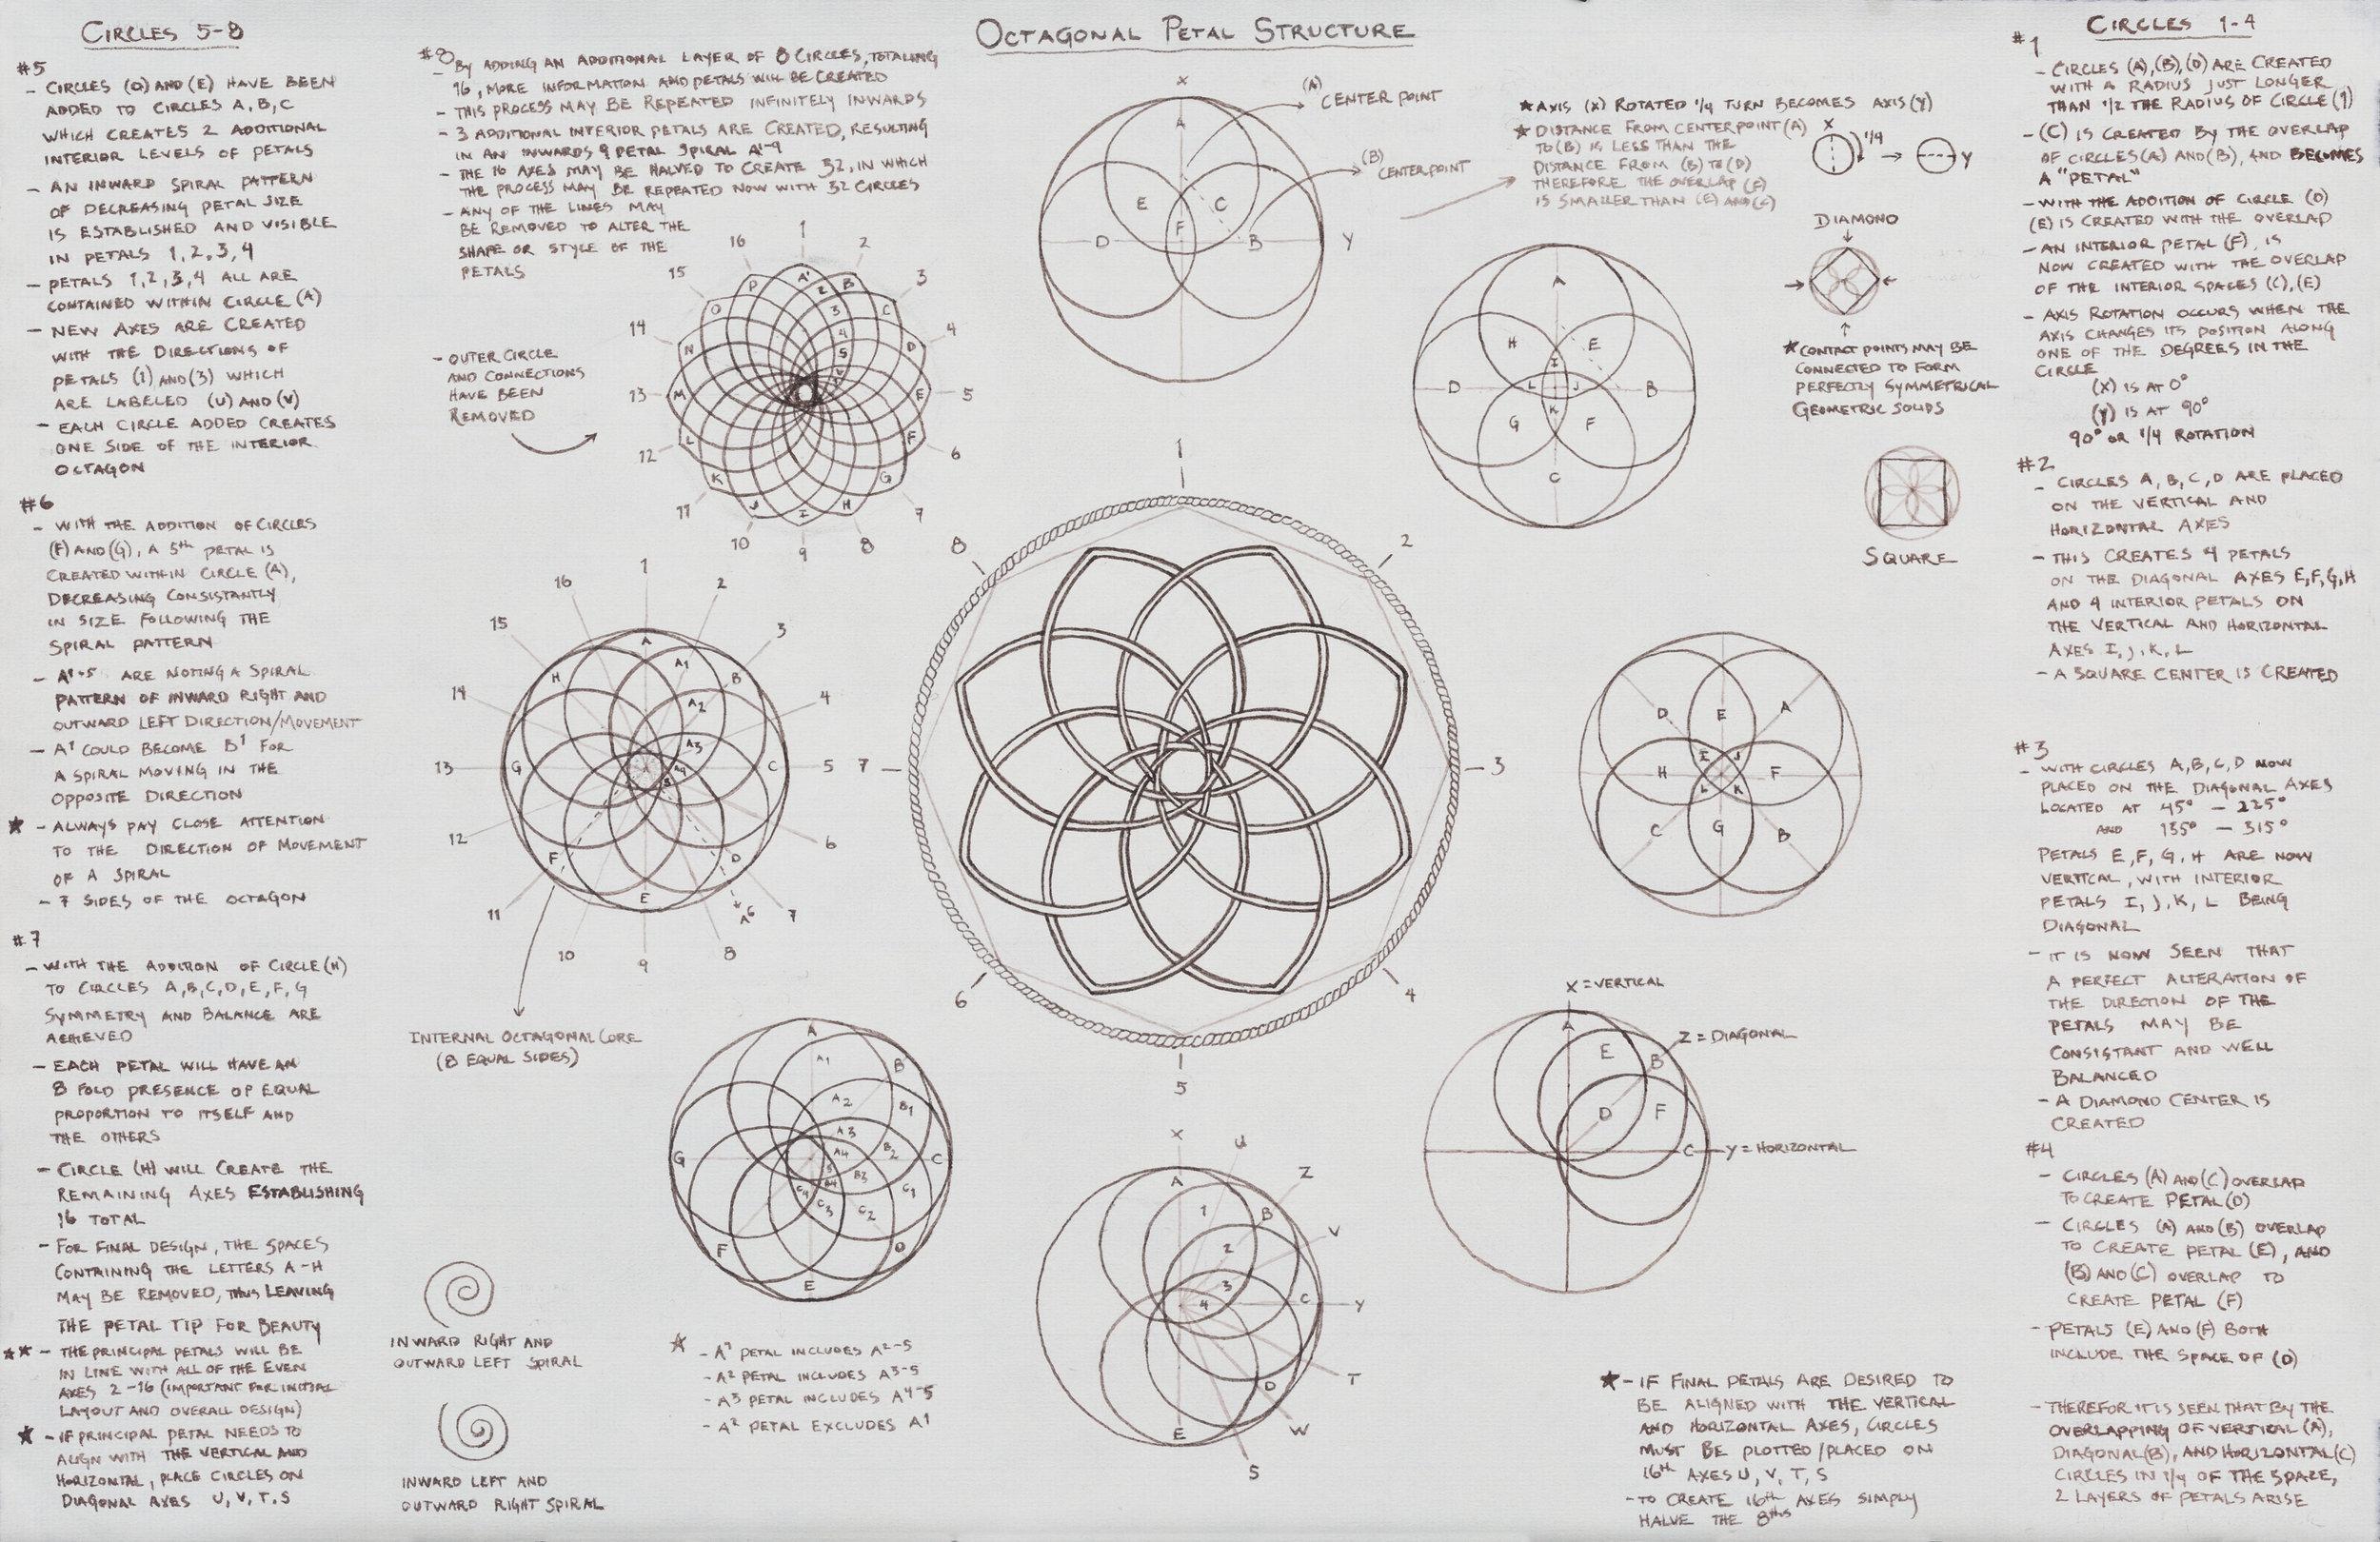 Treatise on Geometric Knots_2.jpg